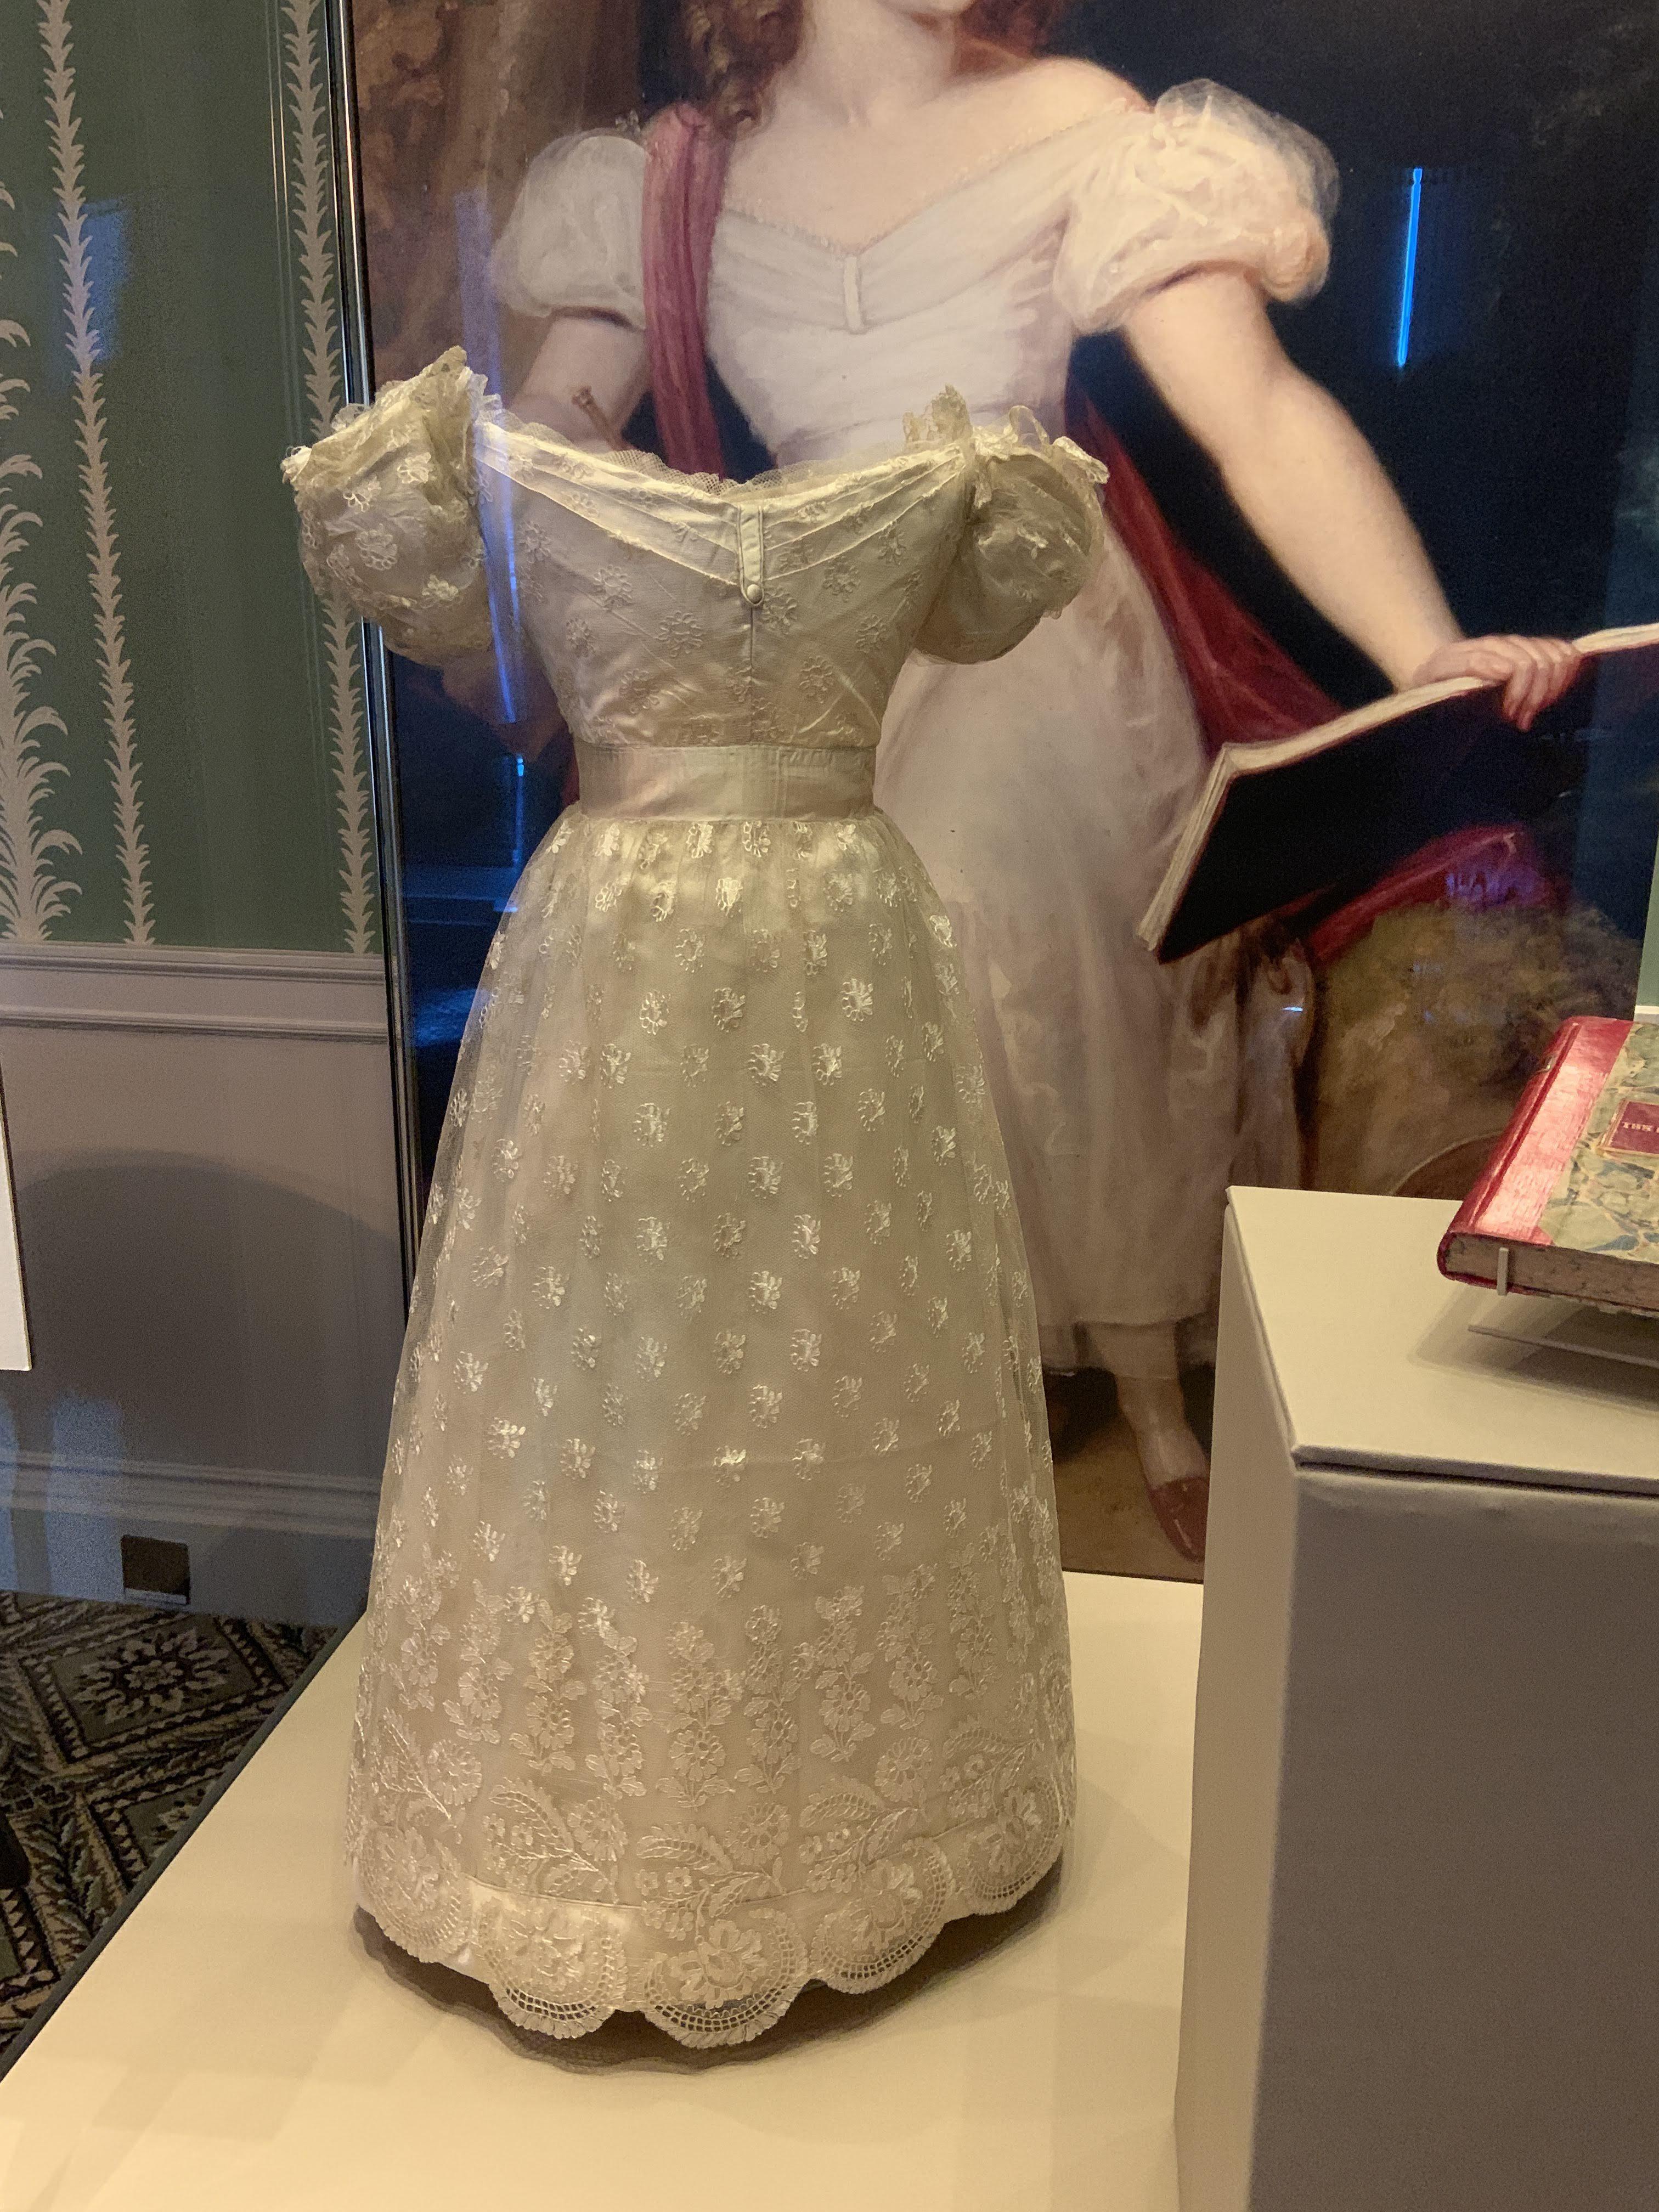 Queen Victoria's earliest surviving dress